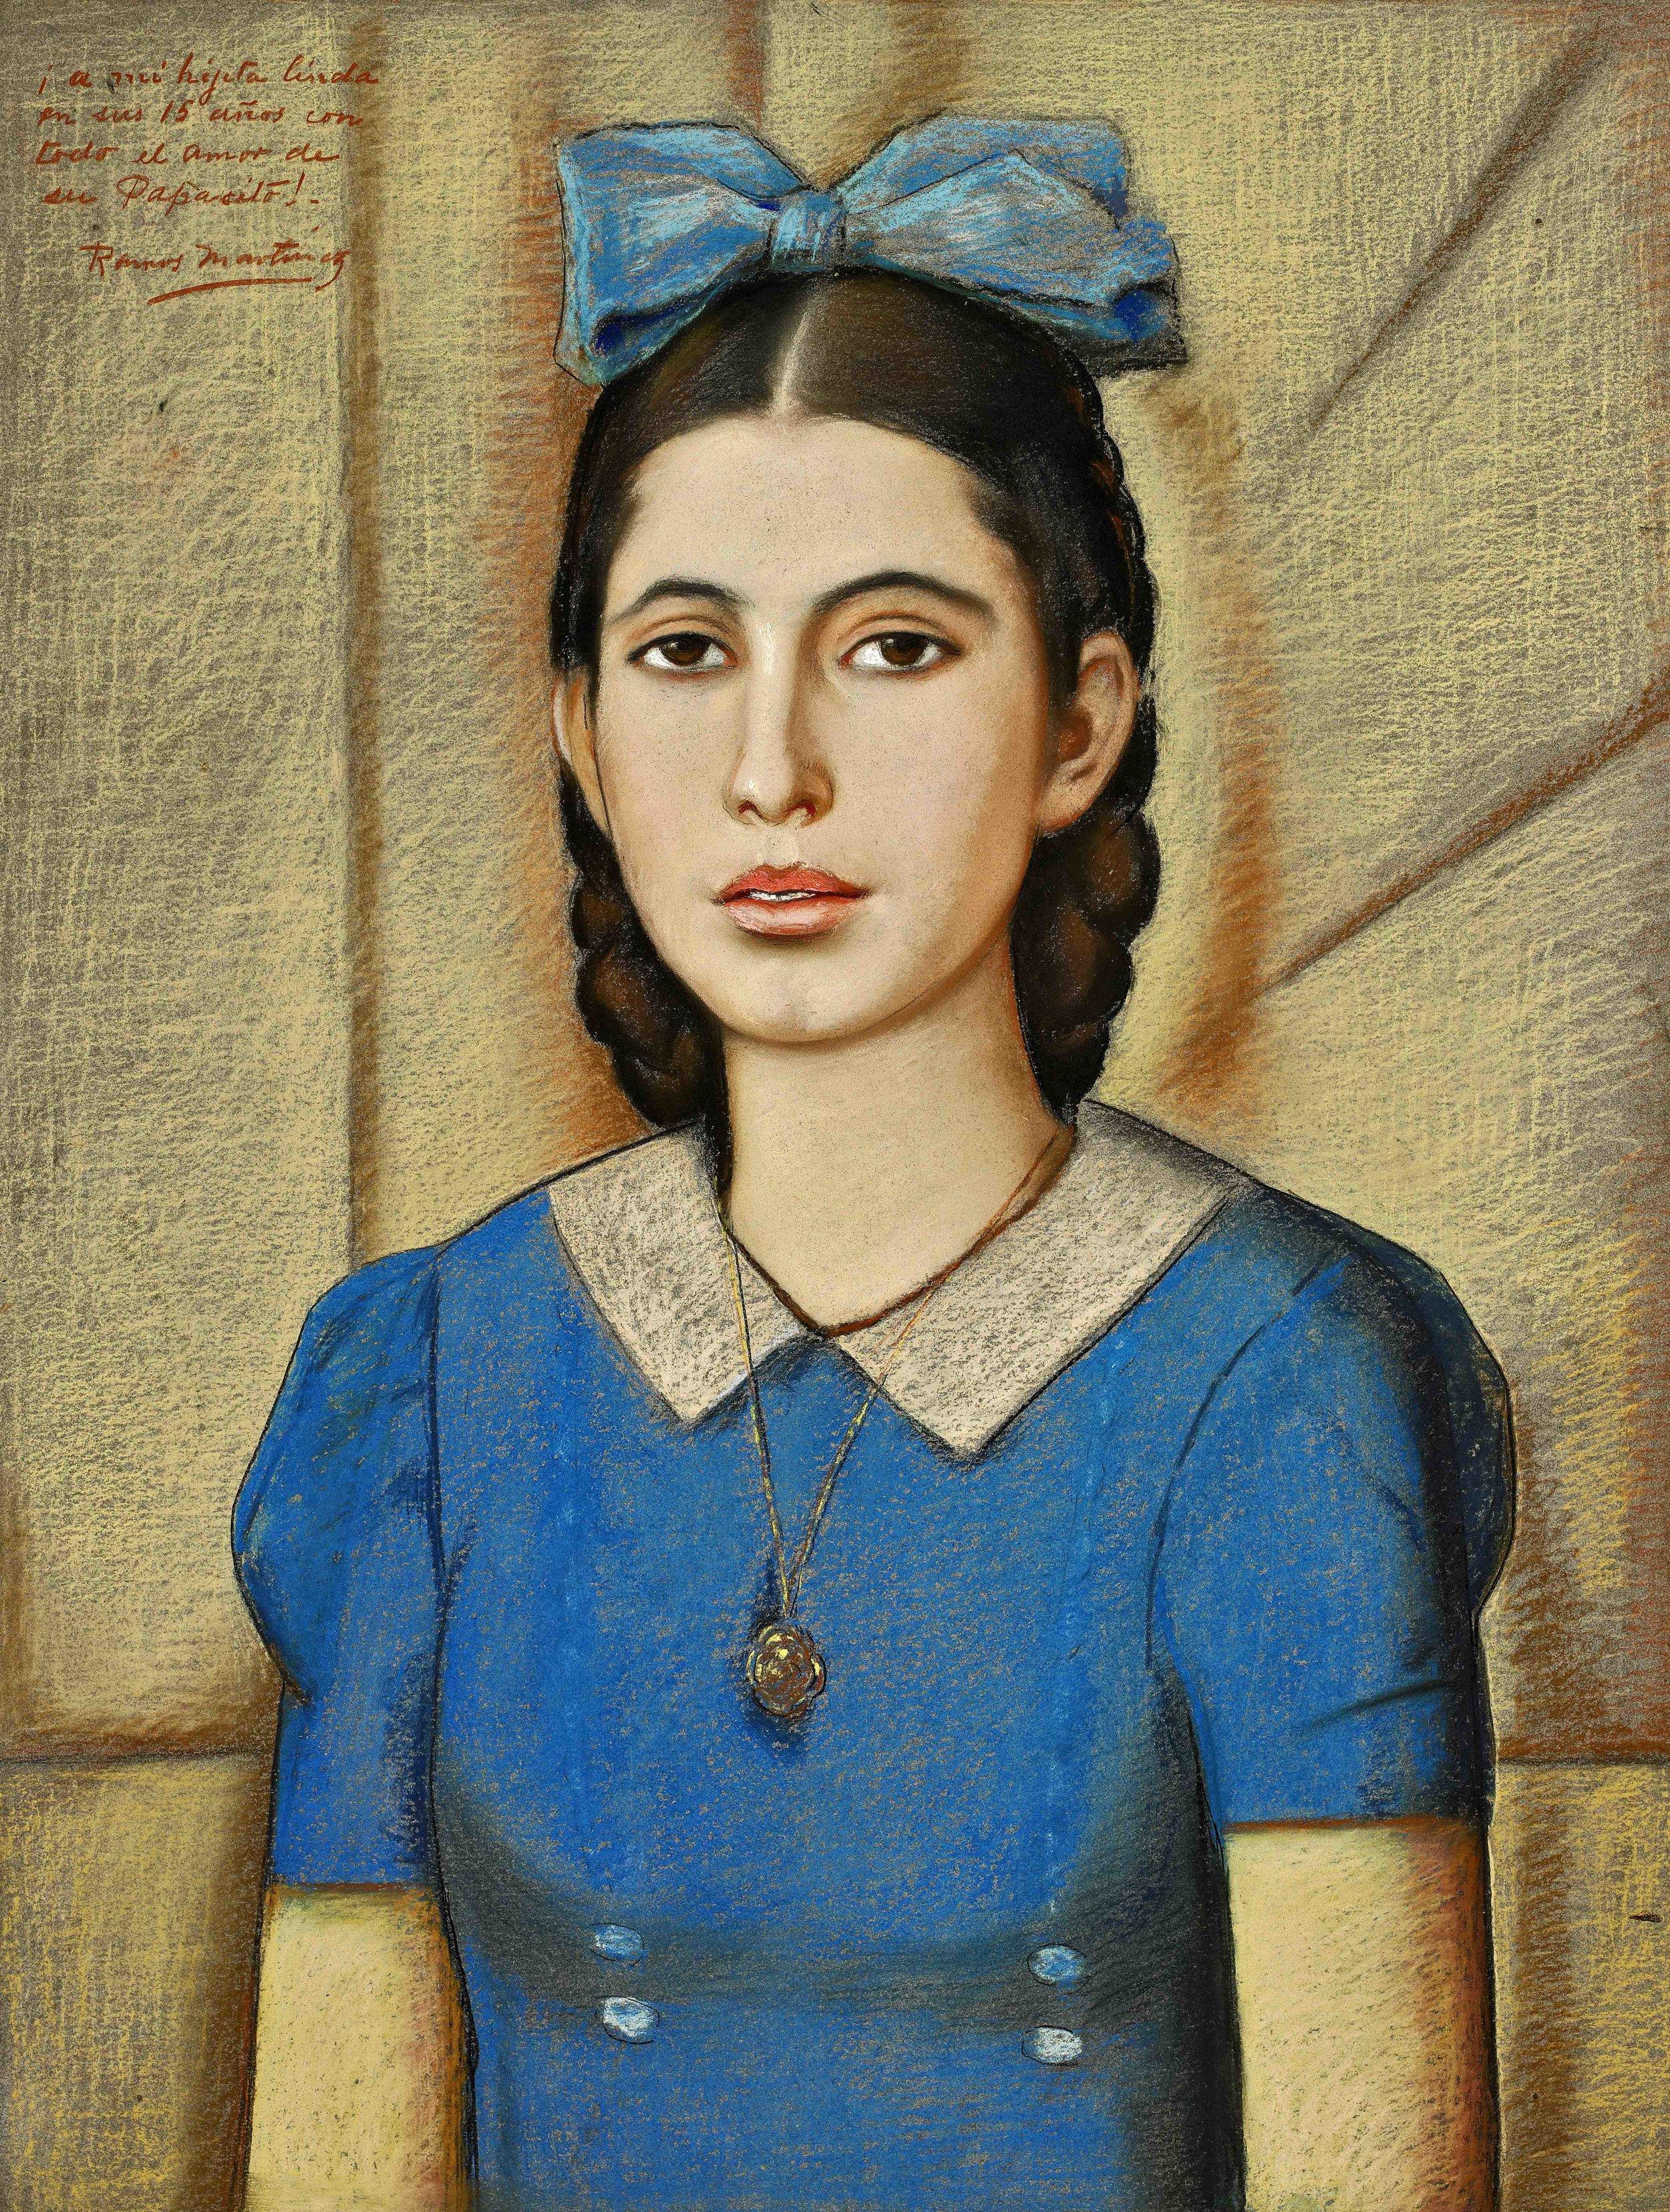 Retrato de María Años Quince / Portrait of Maria at Fifteen  1943 pastel and charcoal on board / pintura al pastel y carbón sobre tabla 26.5 x 19.5 inches; 67.3 x 49.5 centímetros